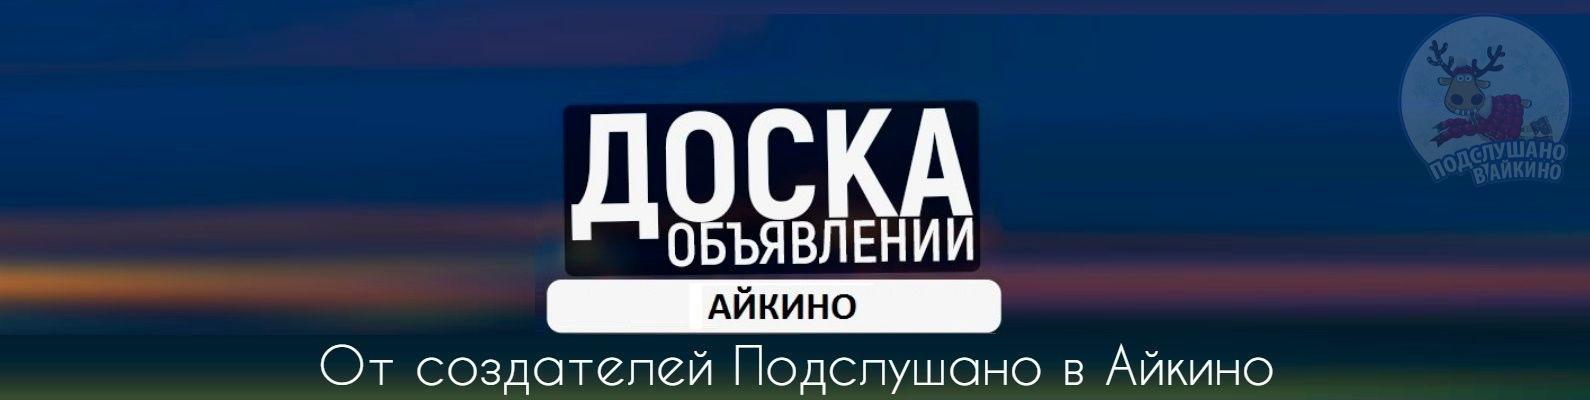 Подслушано в айкино в контакте попов анатолий васильевич азов 53 года знакомства